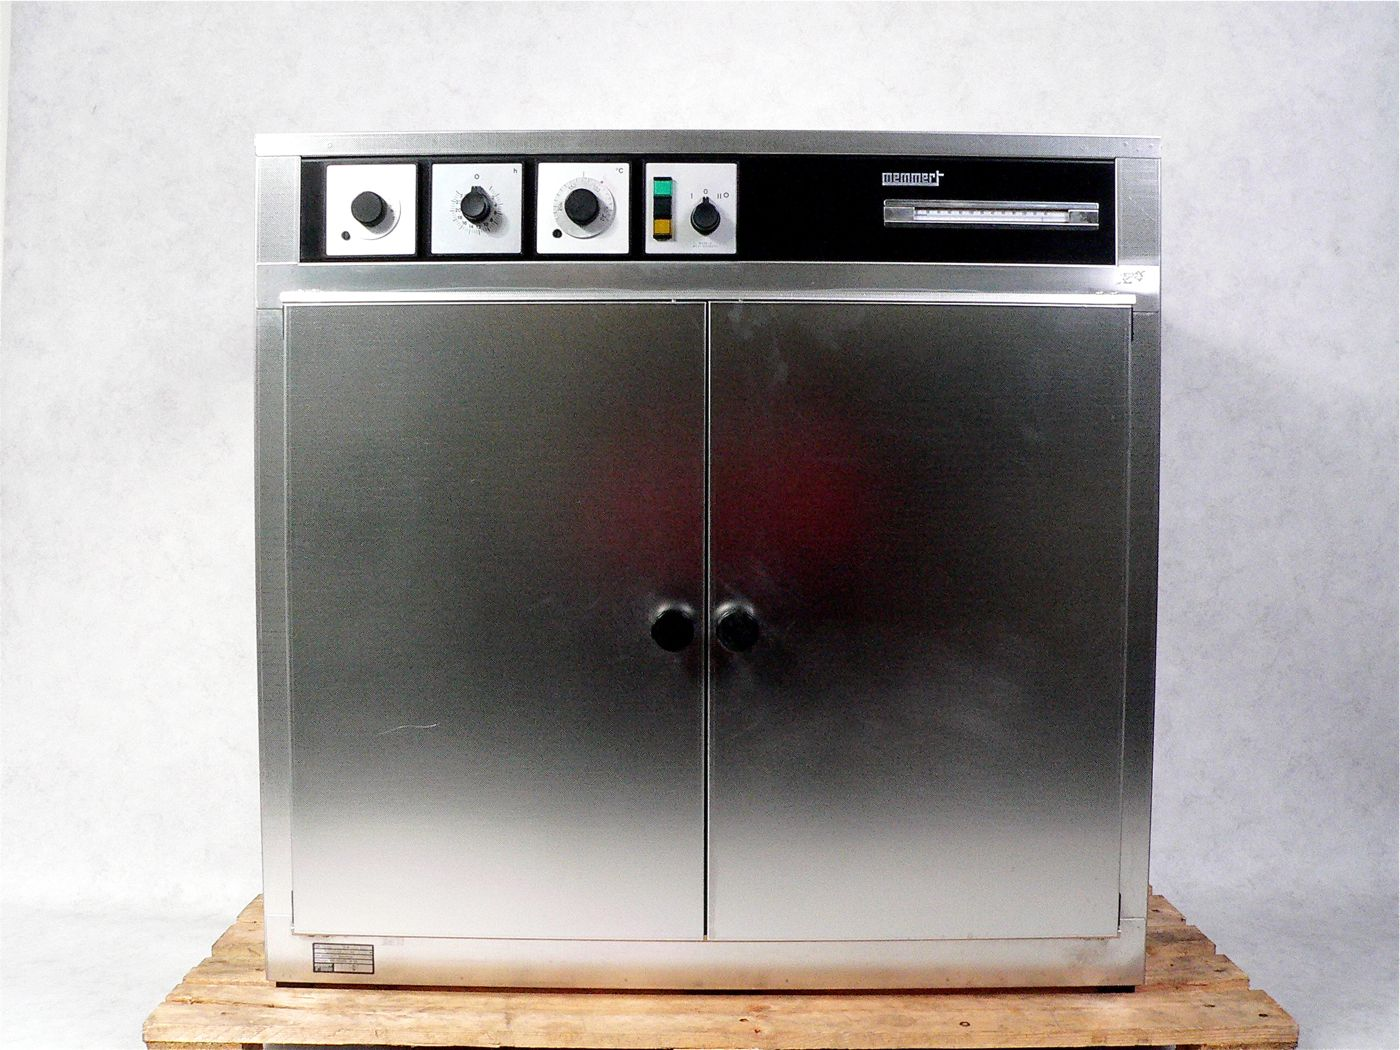 Memmert U50 oven - Gemini BV